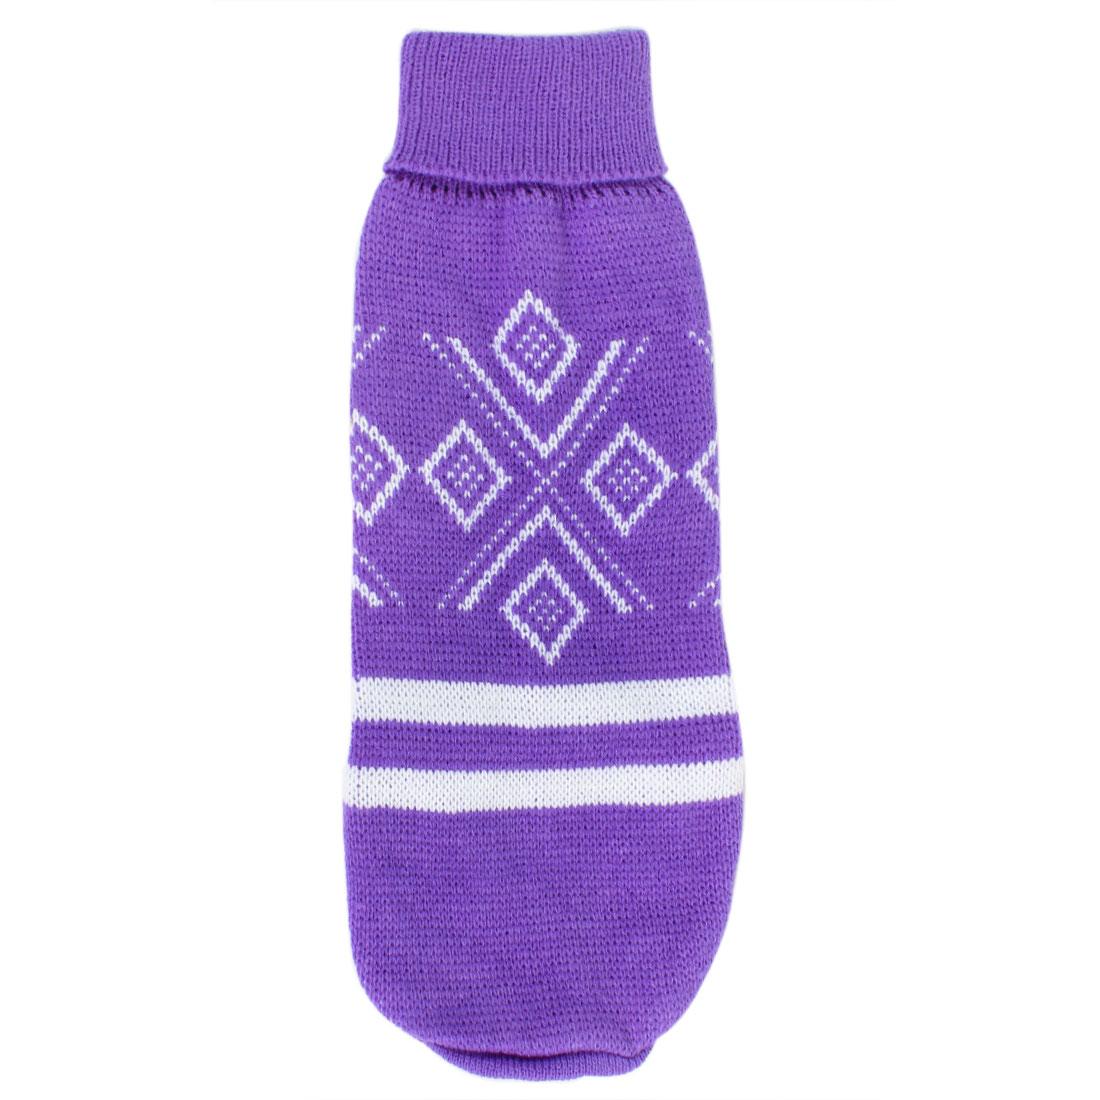 Pet Puppy Rhombus Pattern Turtleneck Warm Apparel Knitwear Sweater Purple Size M